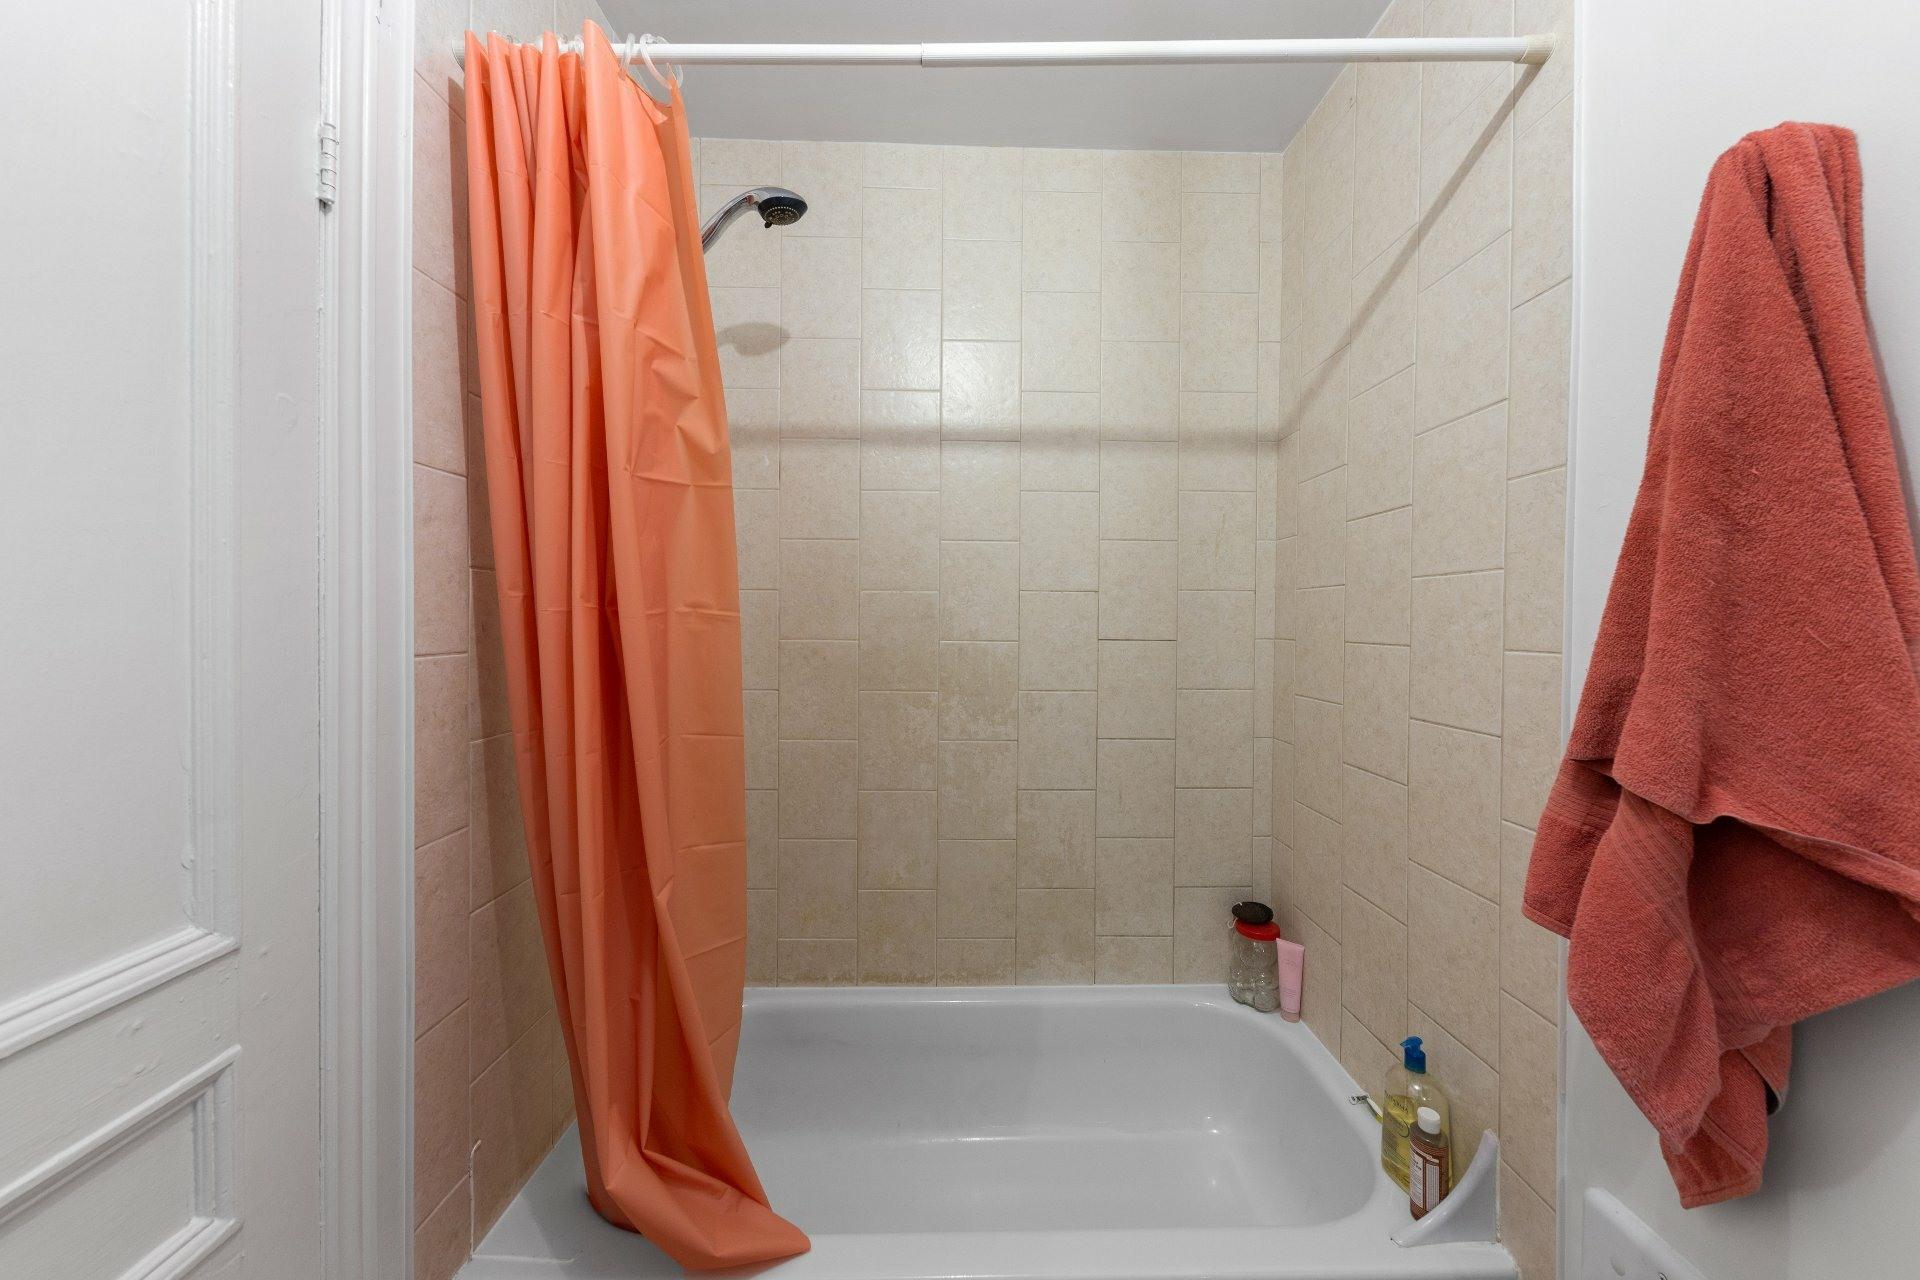 image 33 - Duplex For sale Le Plateau-Mont-Royal Montréal  - 5 rooms